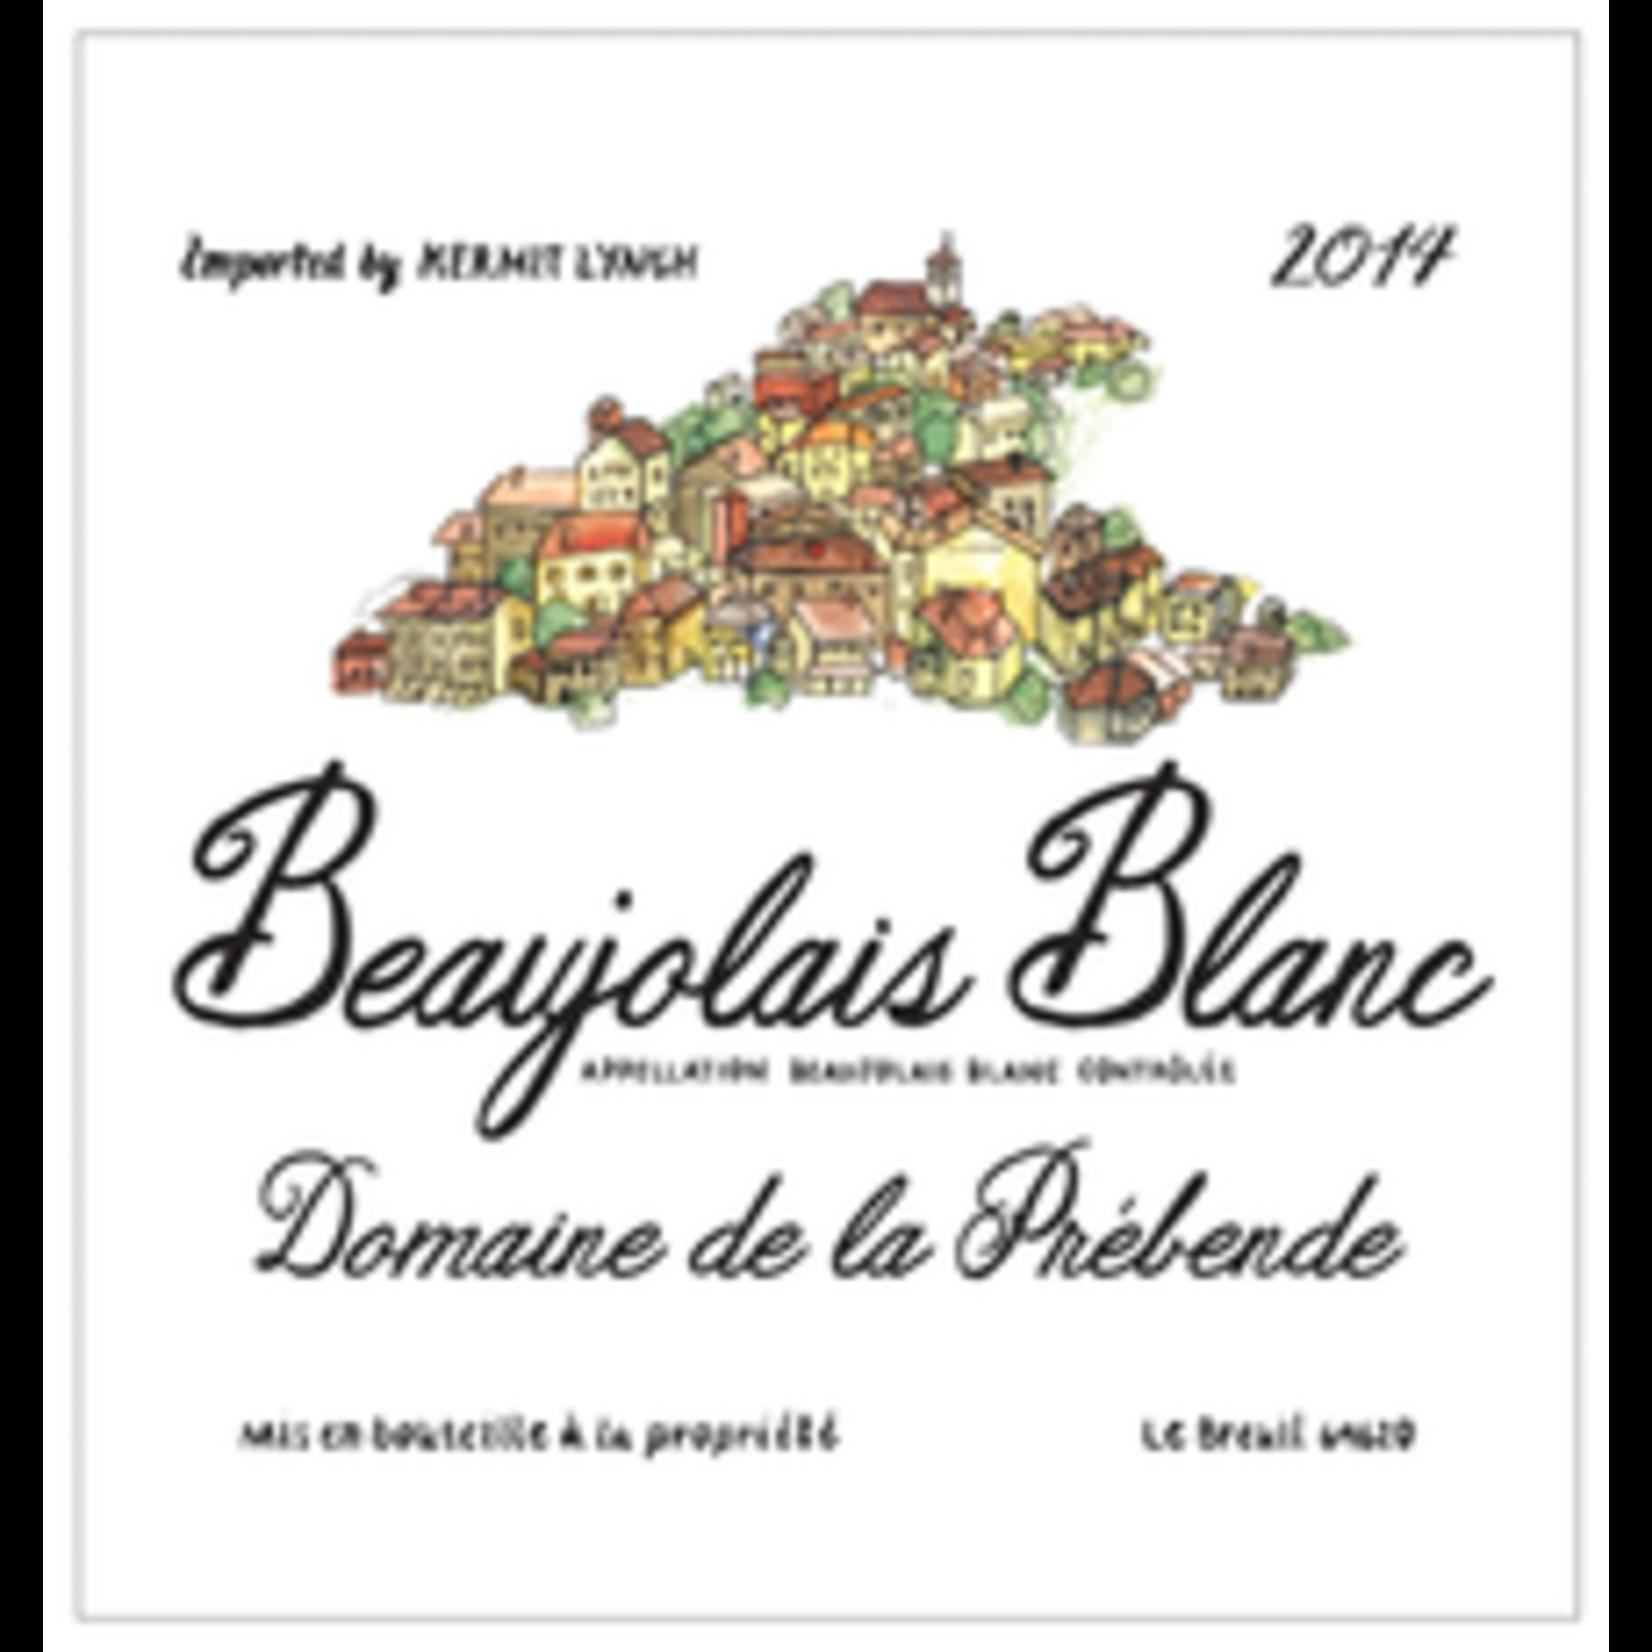 Wine Domaine de la Prebende Beaujolais Blanc Anna Asmaquer 2019